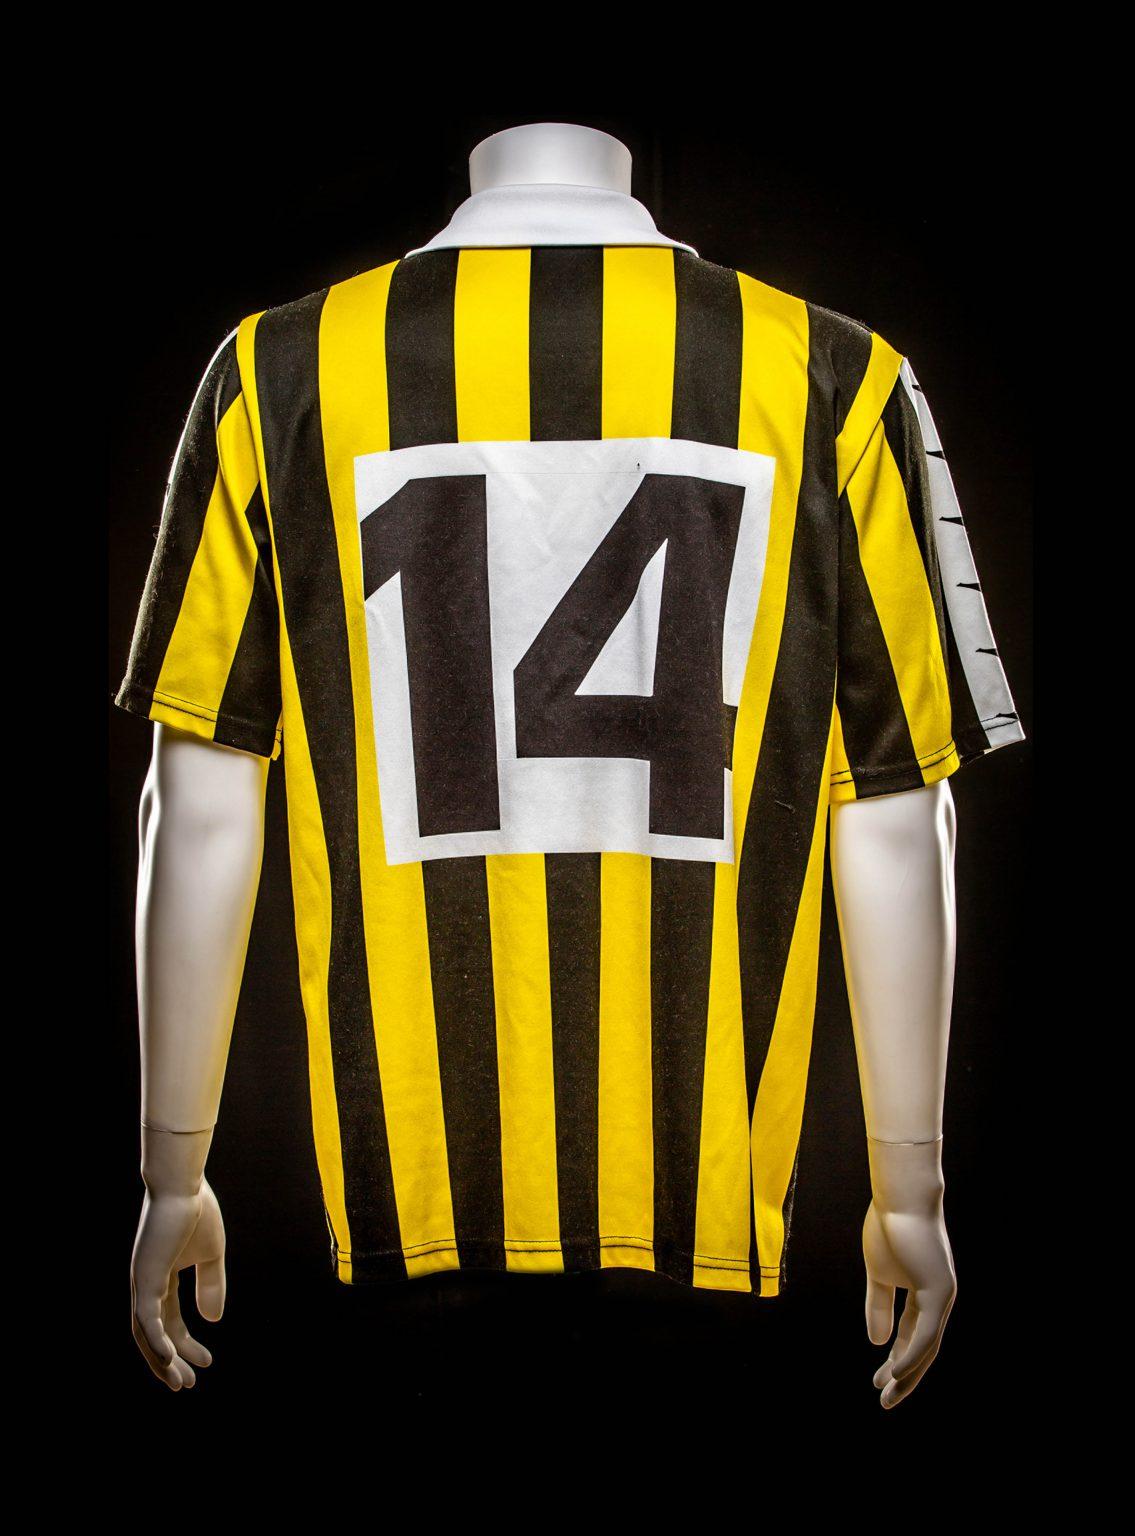 #14 Speler Onbekend Vitesse 1991-1993